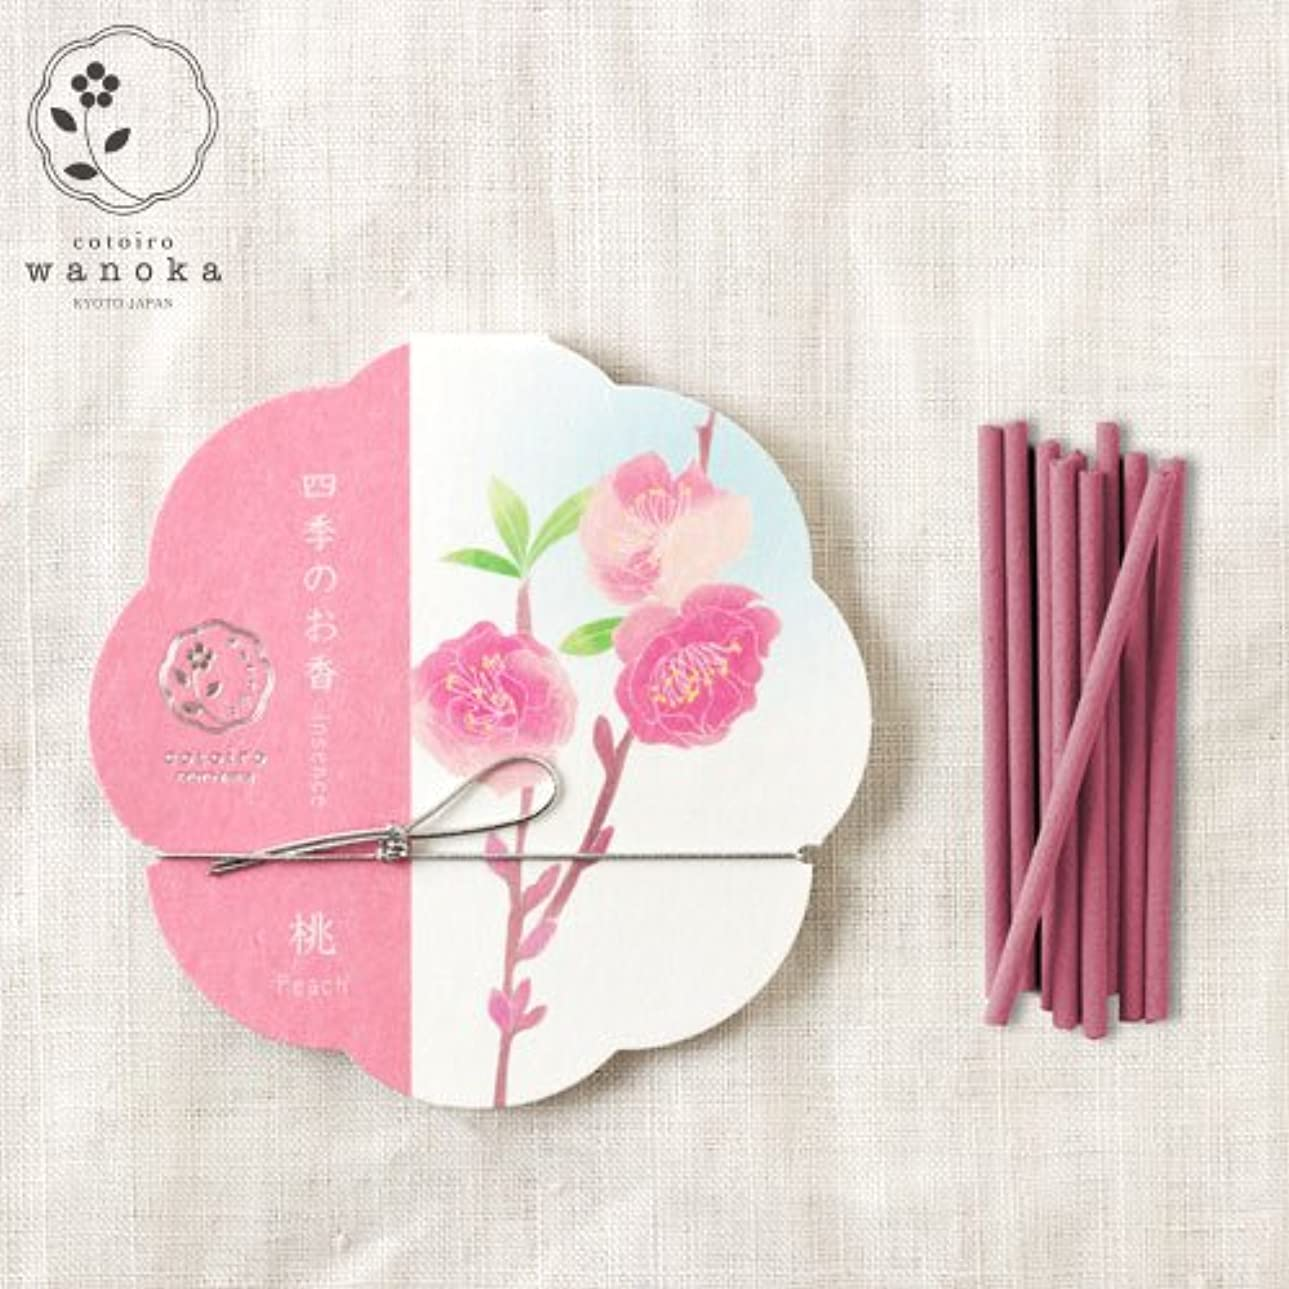 緩める流暢名誉wanoka四季のお香(インセンス)桃《桃のお花をイメージした甘い香り》ART LABIncense stick